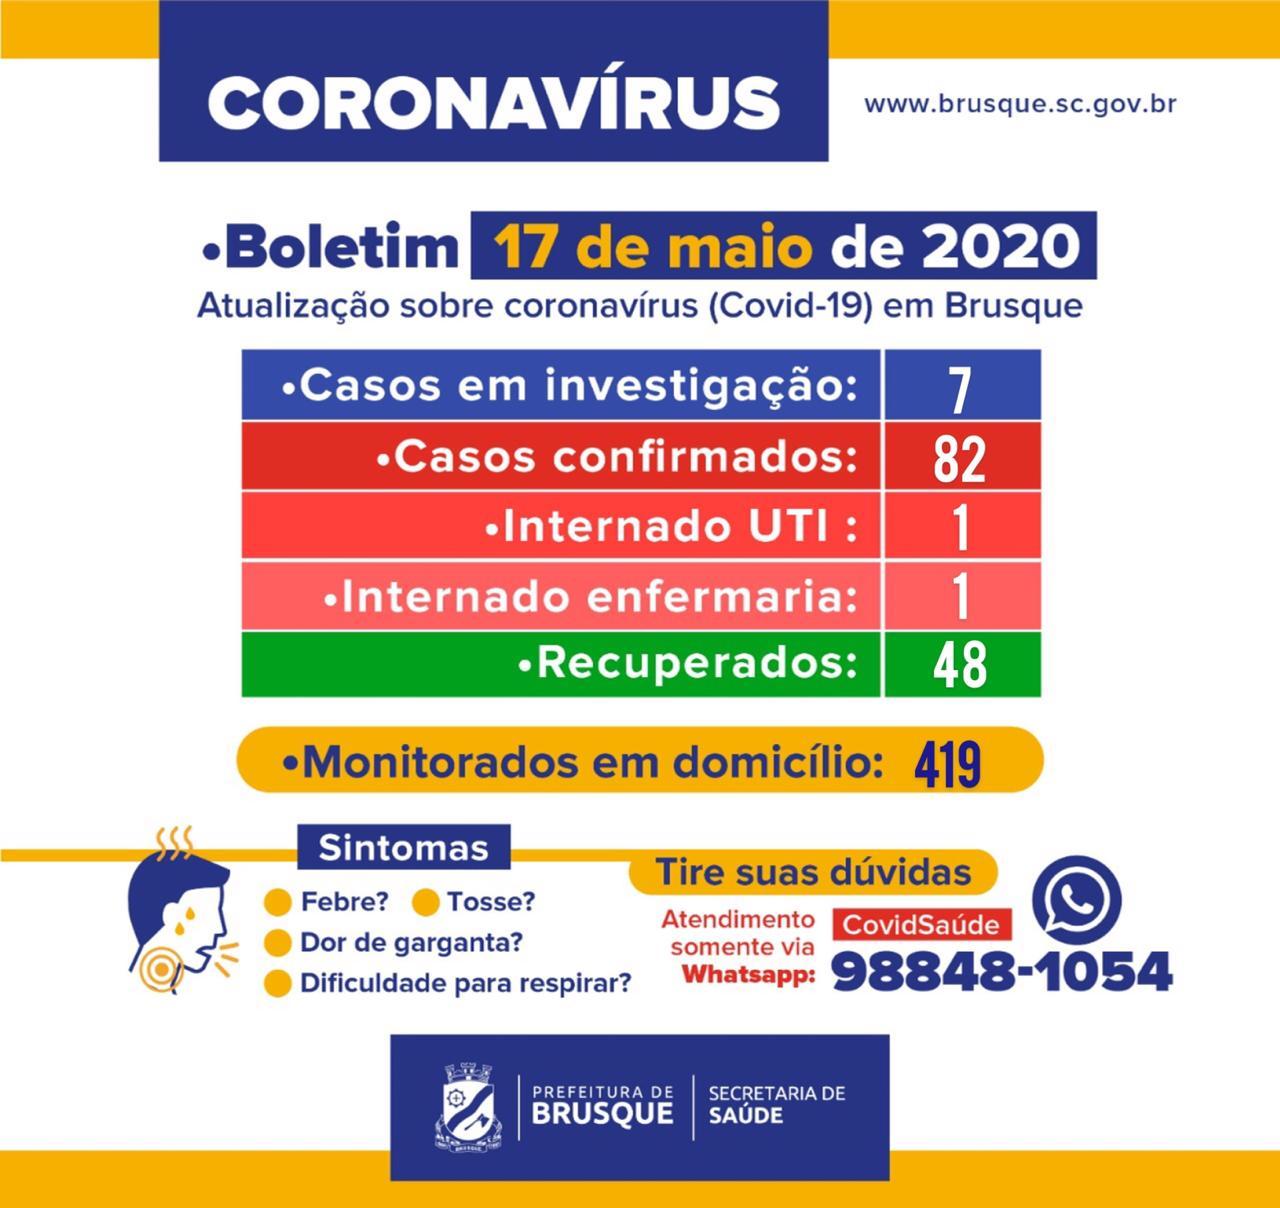 Sobe para 82 os casos de coronavírus em Brusque